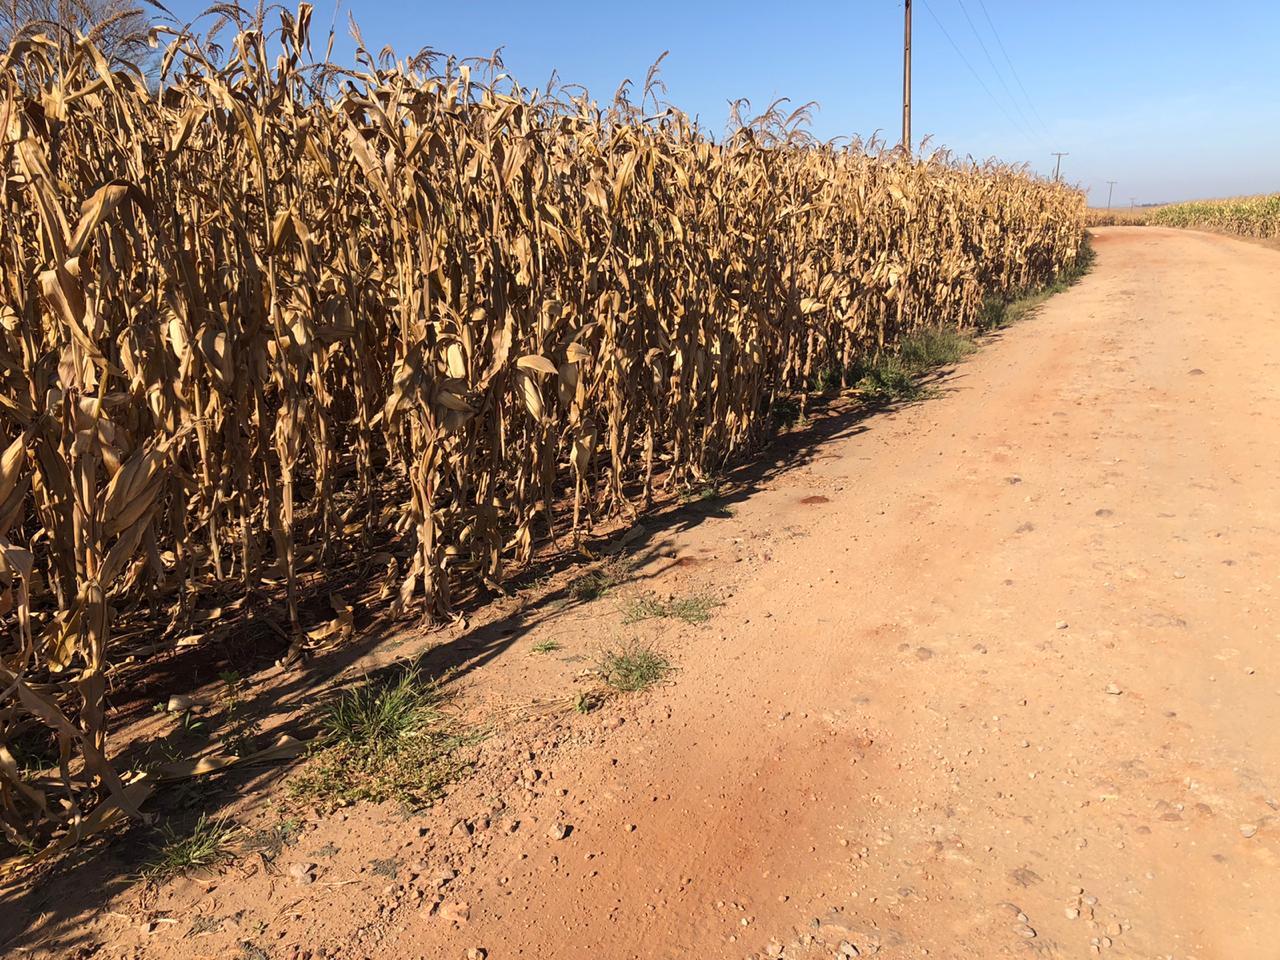 Segunda Safra de Milho em Doutor Camargo/PR - Ildefonso Ausec